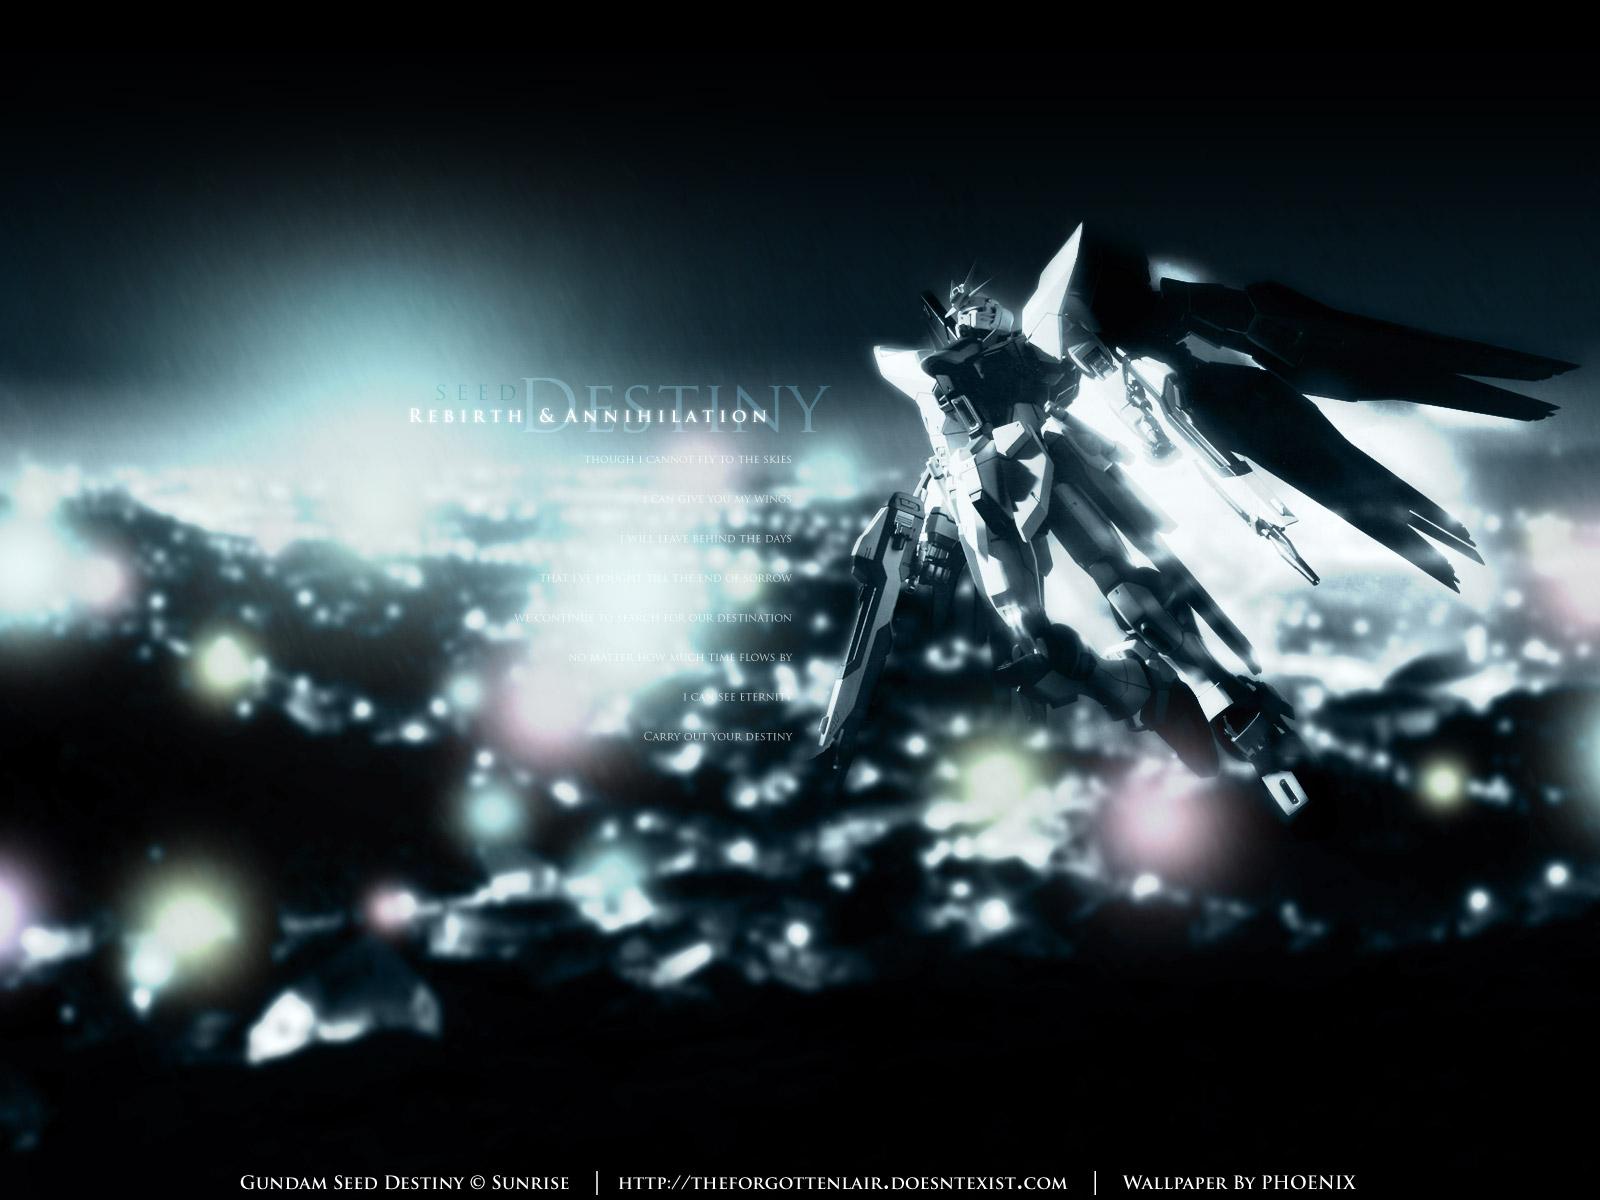 Destiny Gundam Gundam Seed Destiny 壁紙 ファンポップ